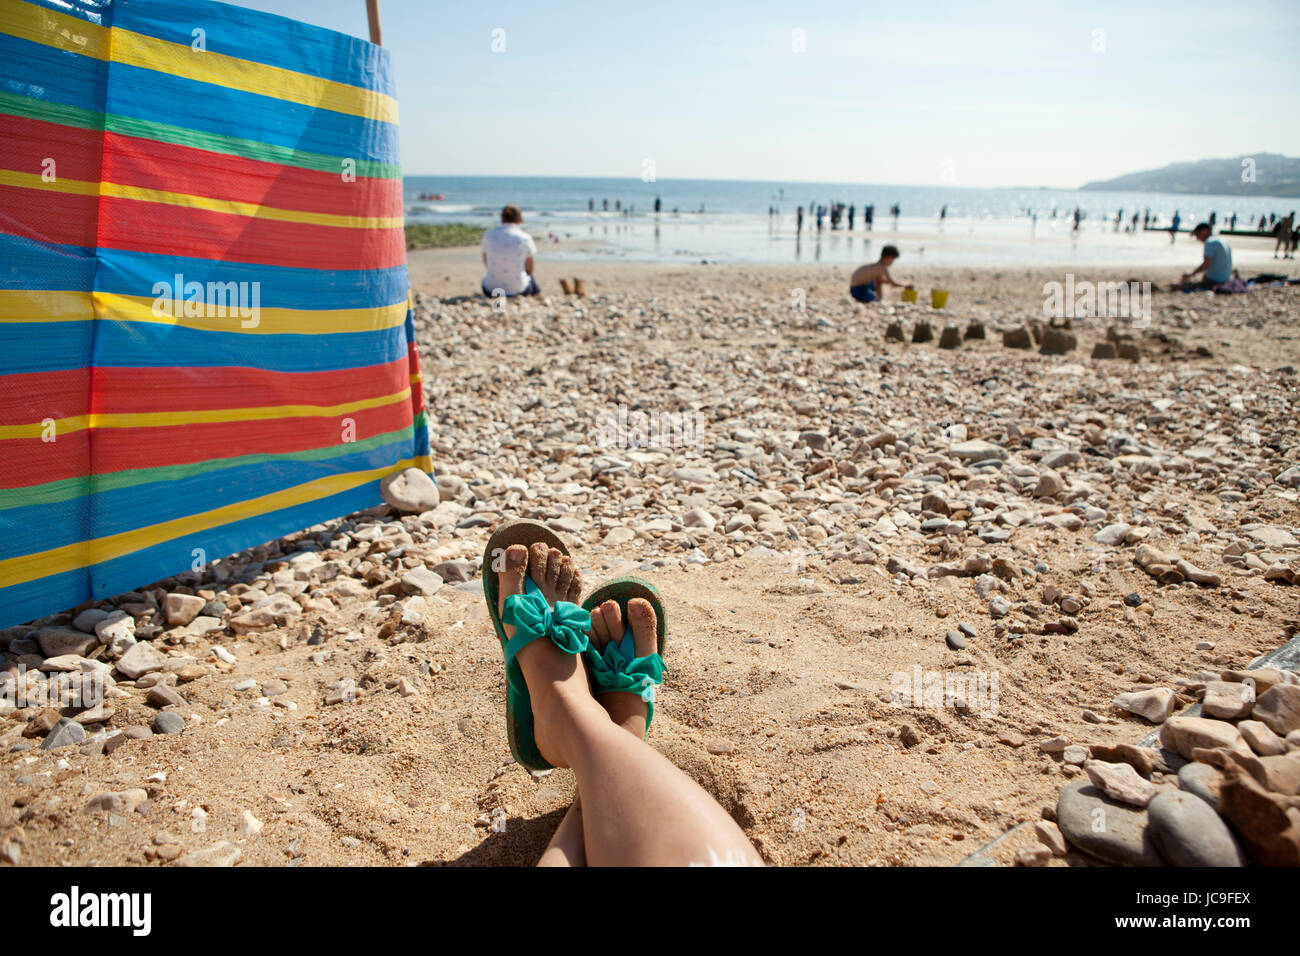 Spiaggia di Charmouth Dorset, England, Regno Unito Immagini Stock